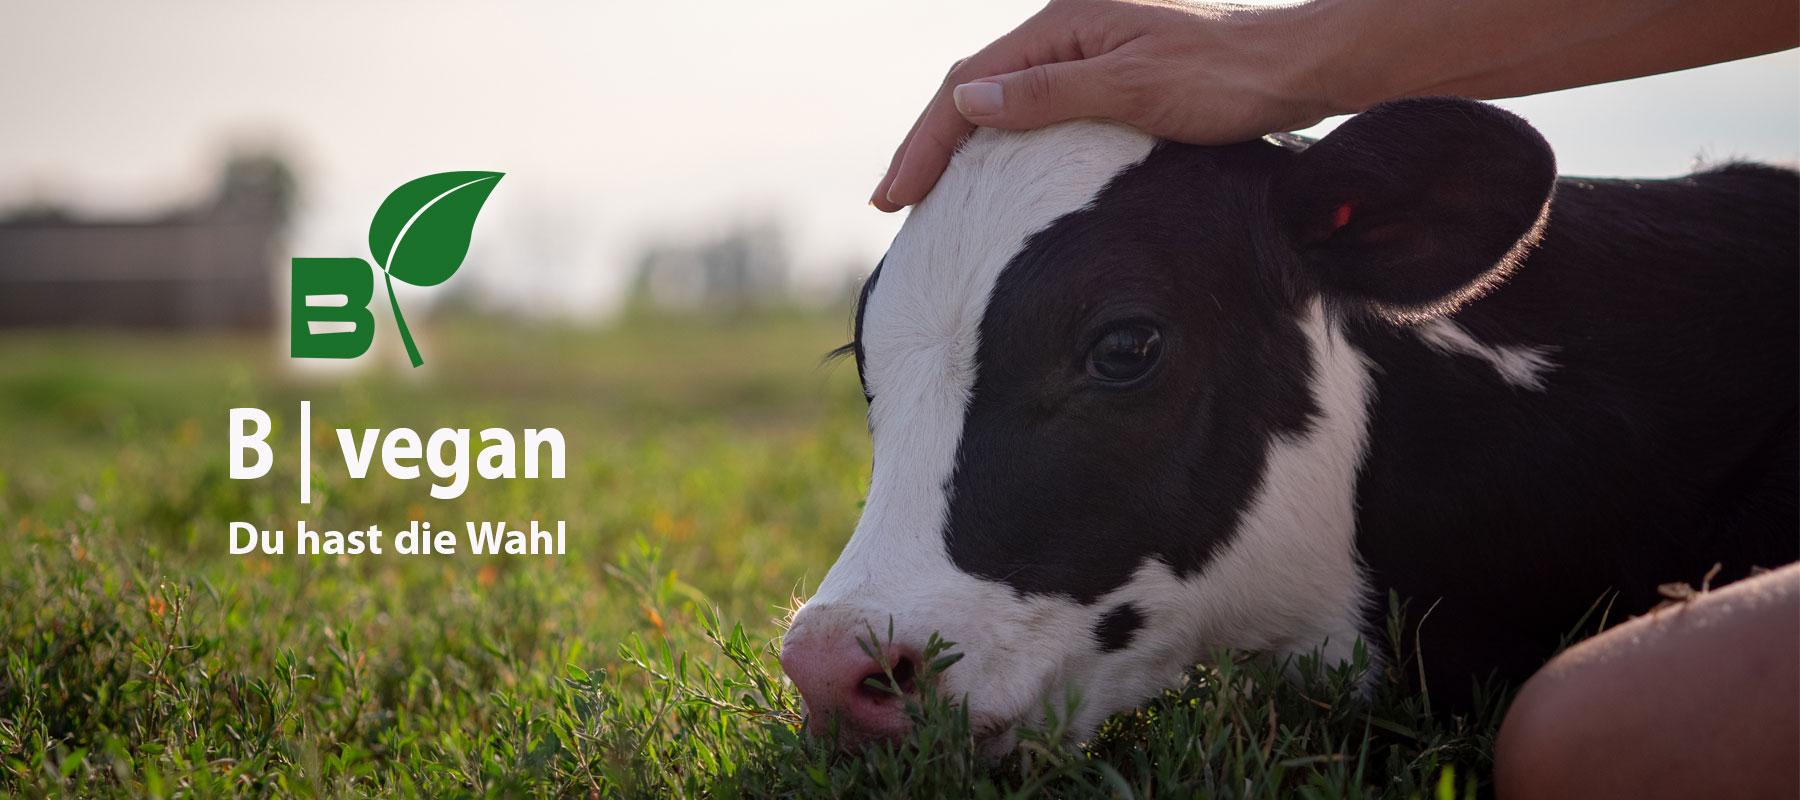 B | vegan - Du hast die Wahl